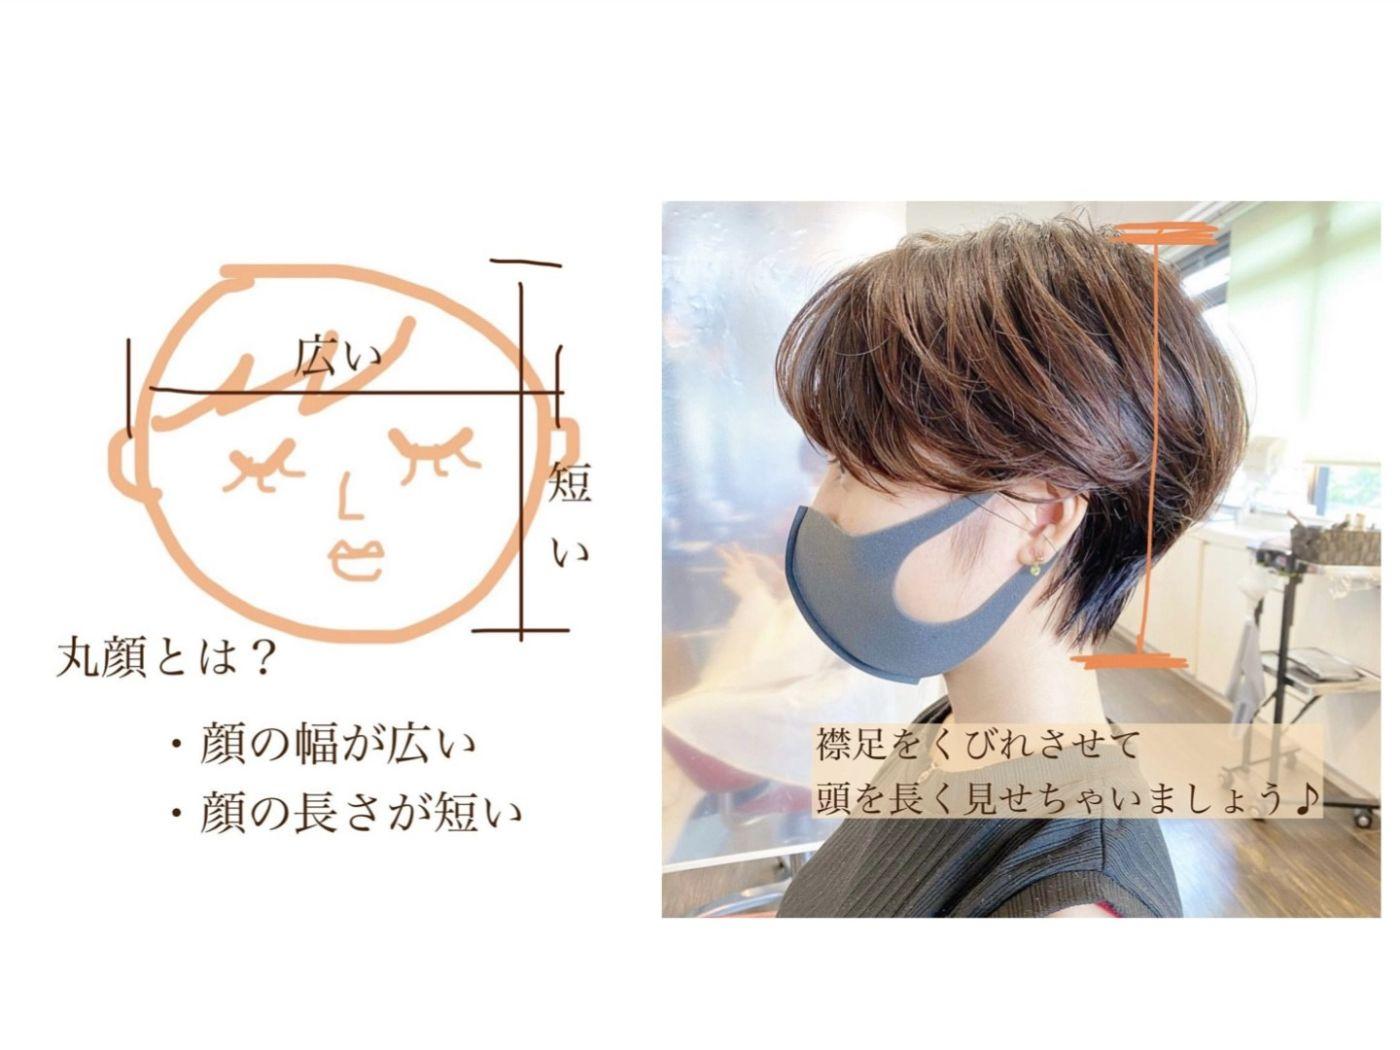 【 丸顔さんの特徴・似合うショートヘア 】